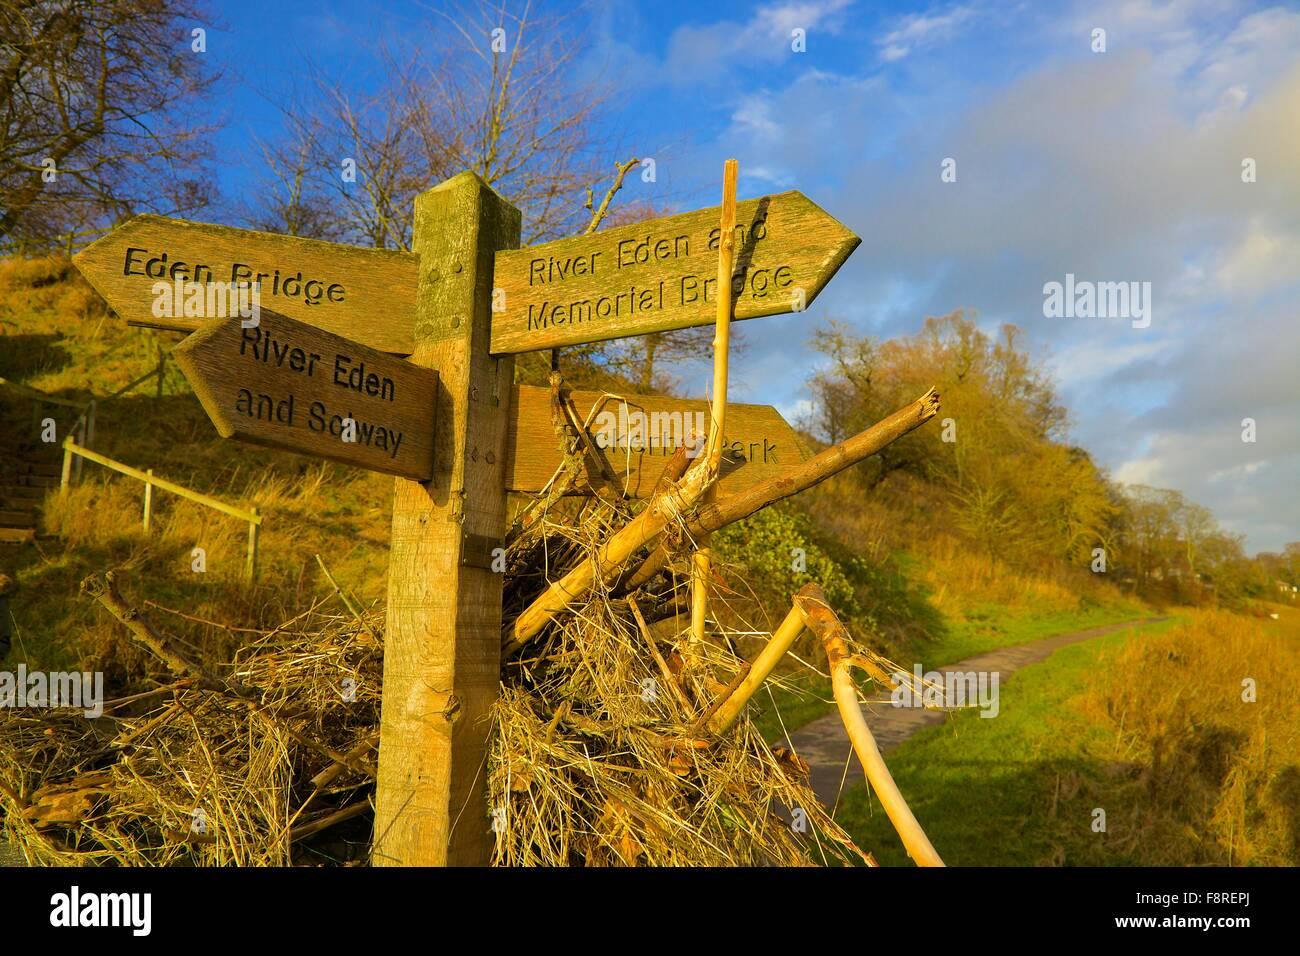 Suite des inondations de Carlisle. Décembre 2015. Chemin pied panneau indiquant babylon illustrant la hauteur Photo Stock